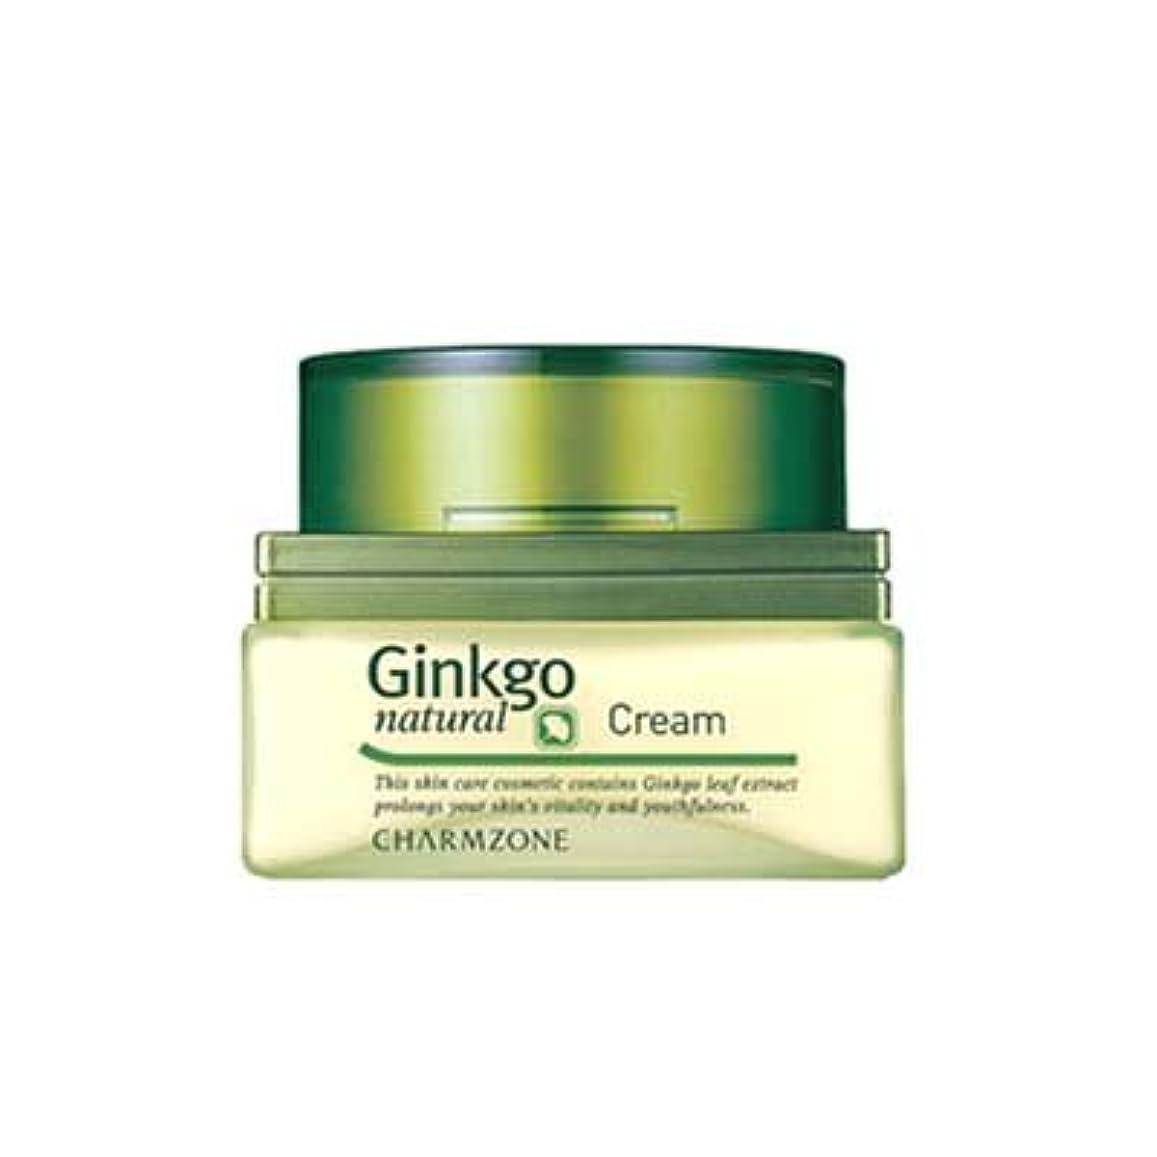 服コンプリート靄チャームゾーン Ginkgo natural (ジンコナチュラル) クリーム 60ml